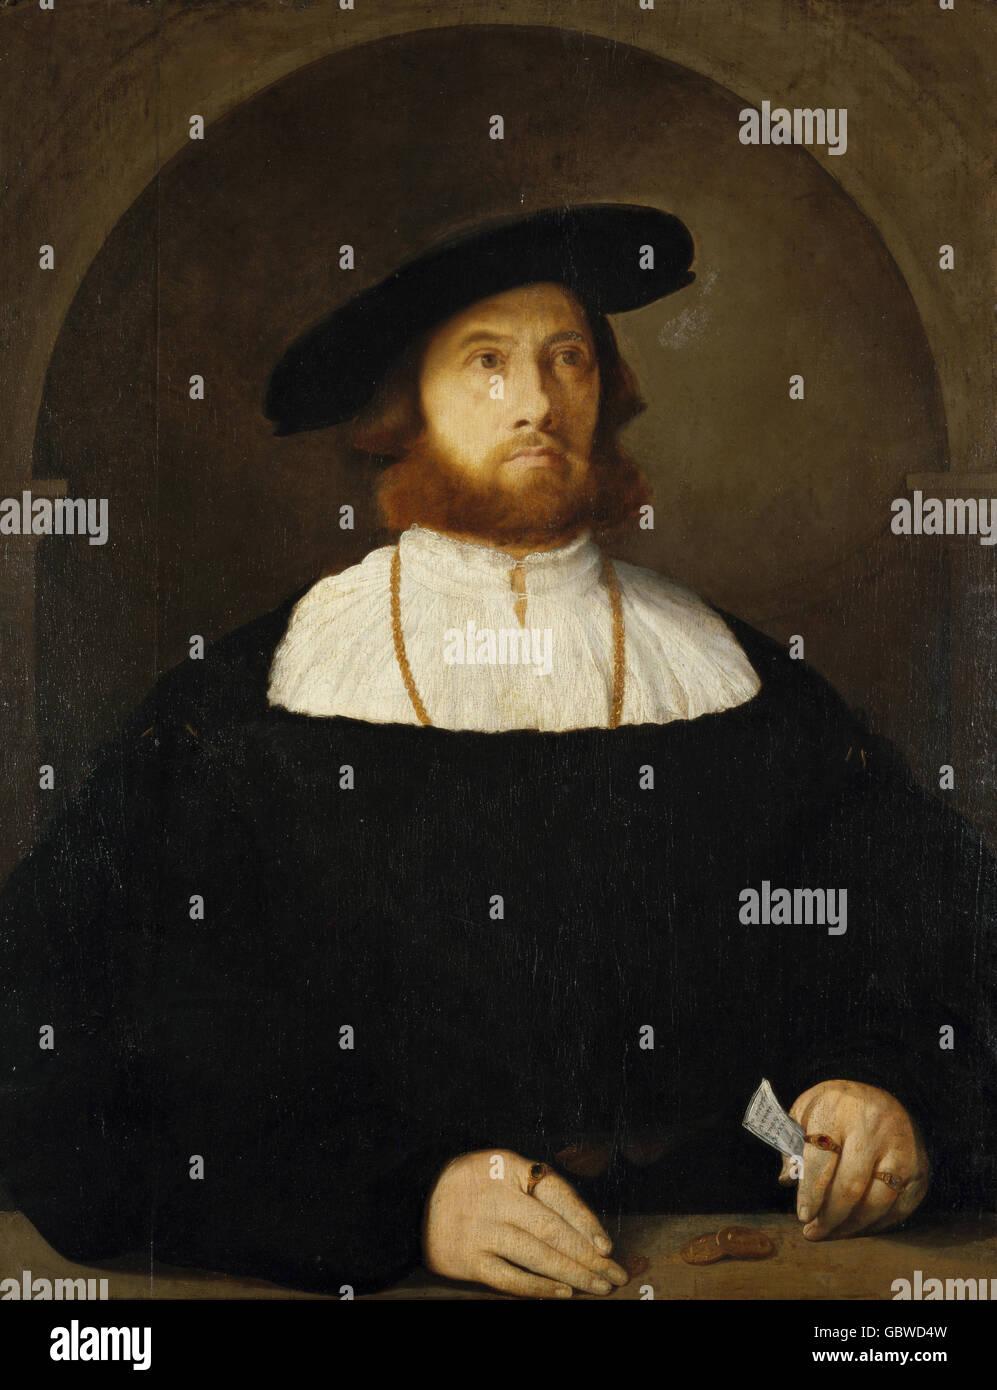 64d8a3291ea Personas, hombres, de un hombre, probablemente un comerciante de longitud  media, pintura anónima, 15 / siglo xvi, Renacimiento, Barroco, moda, hombres,  ...